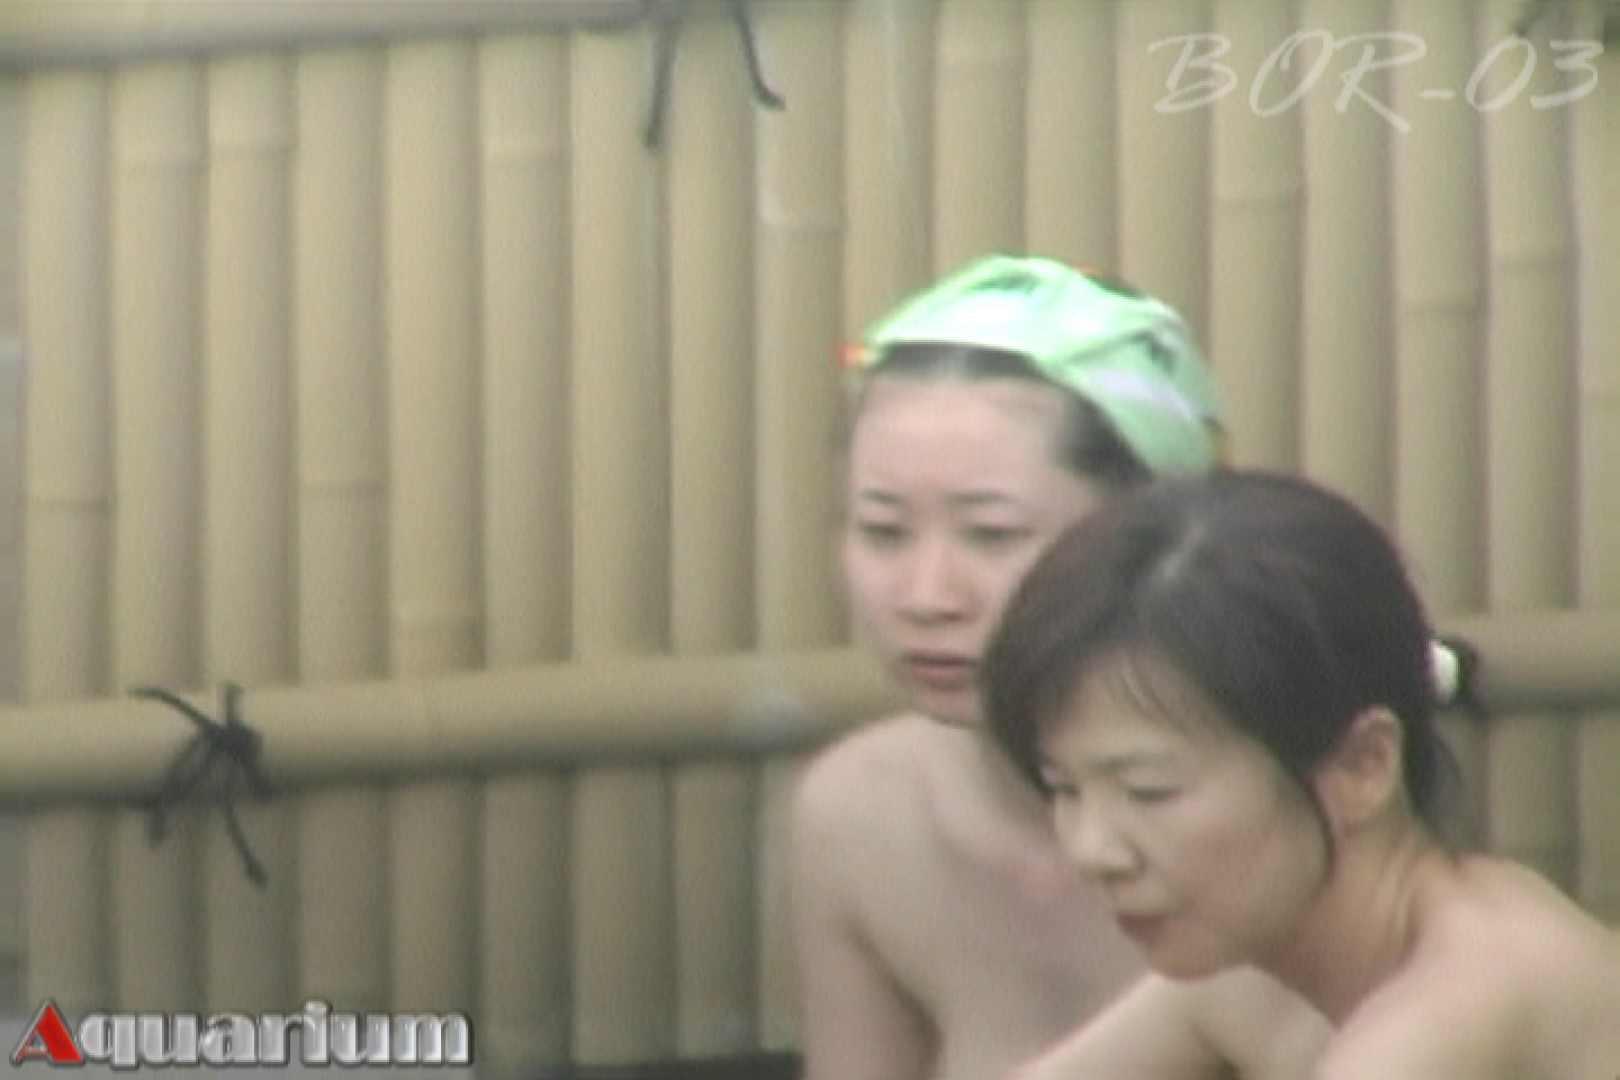 Aquaな露天風呂Vol.482 露天 | 盗撮  52pic 18